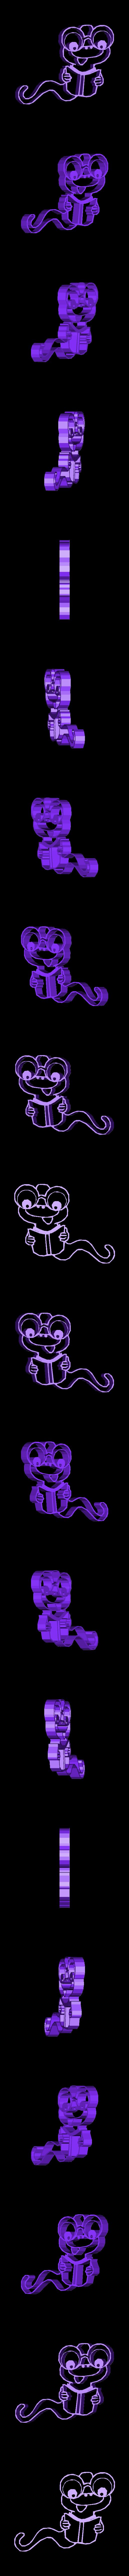 snake4print.stl Télécharger fichier STL gratuit serpent mignon • Plan pour imprimante 3D, syzguru11